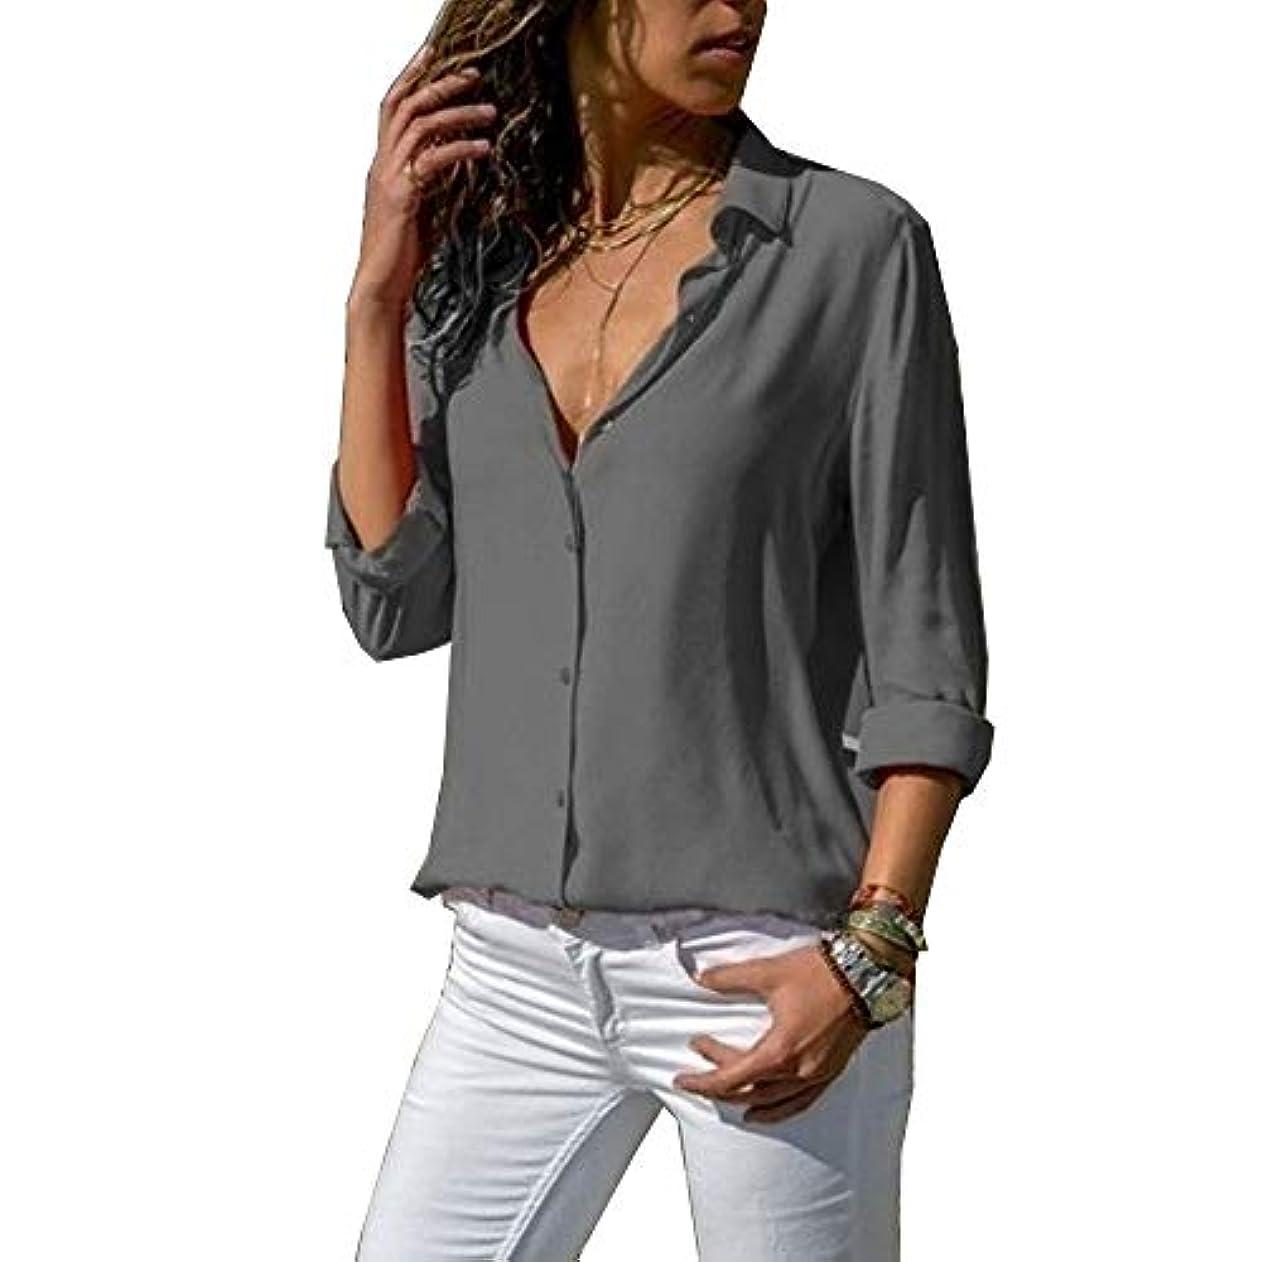 王室パラシュート明確にMIFAN ルーズシャツ、トップス&Tシャツ、プラスサイズ、トップス&ブラウス、シフォンブラウス、女性トップス、シフォンシャツ